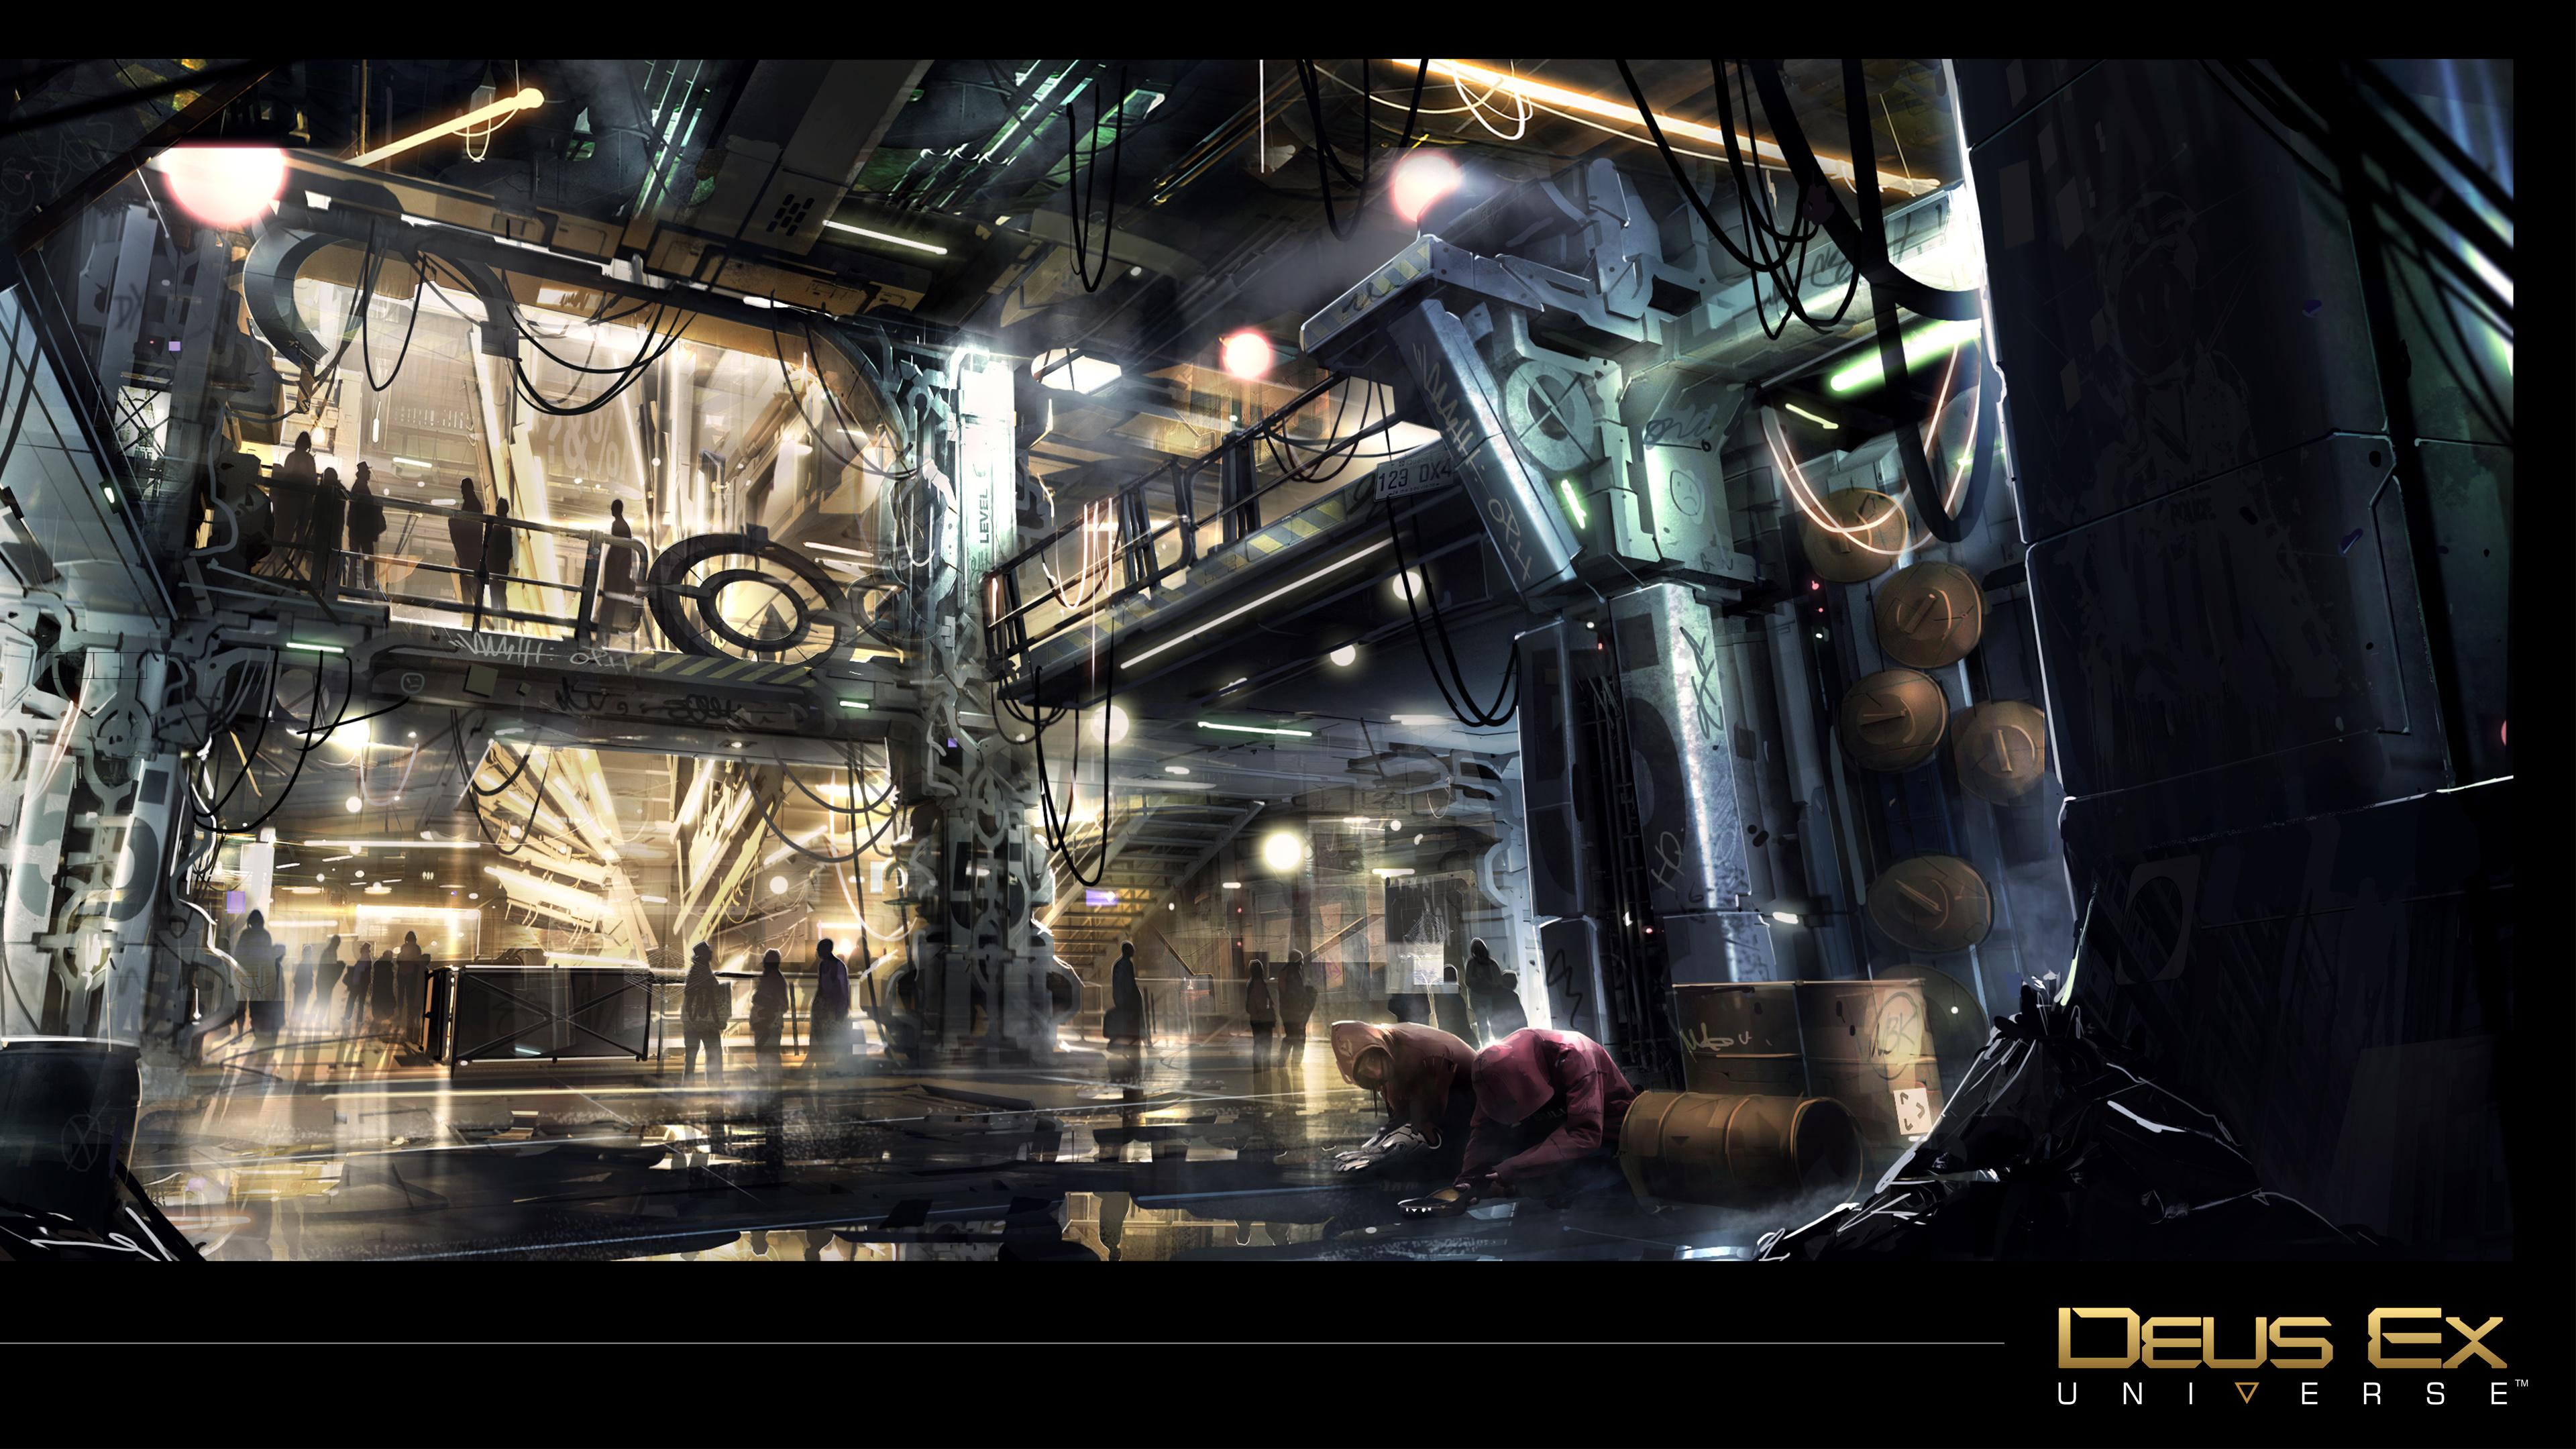 Deus Ex Mankind Divided 4k Wallpaper